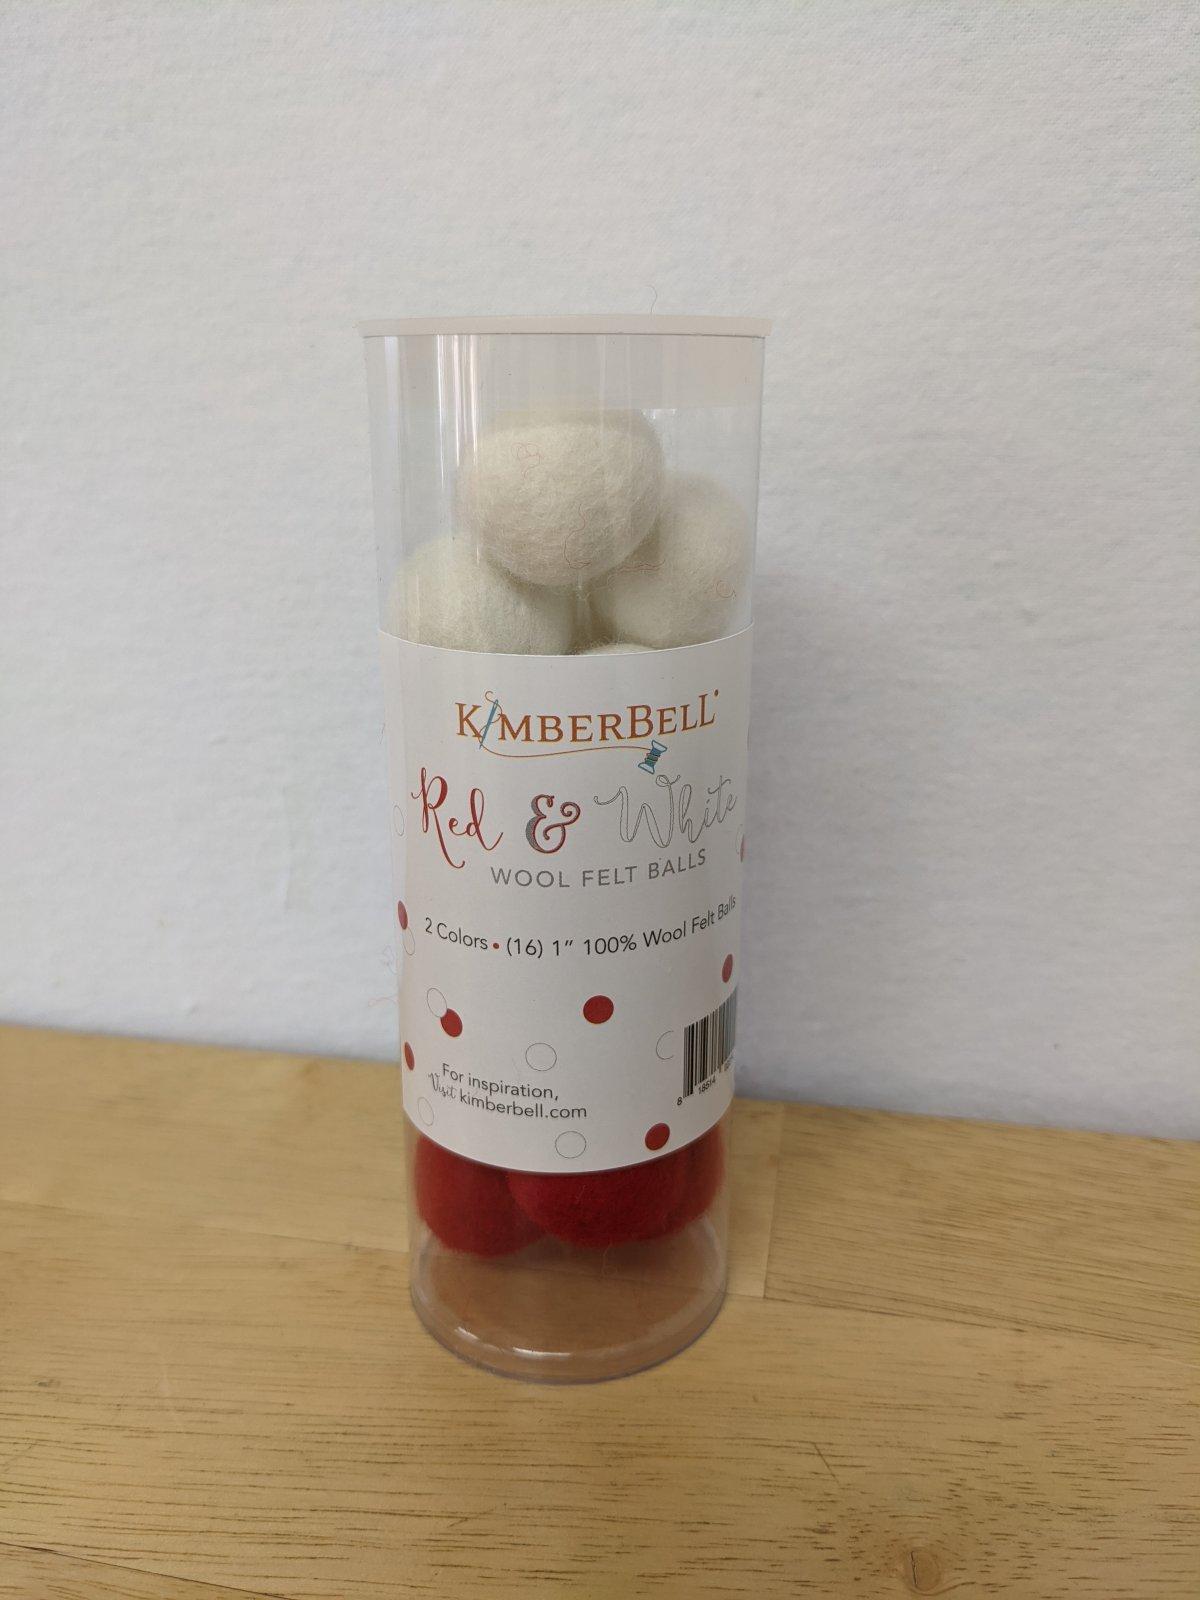 Kimberbell Red & White Wool Felt Balls